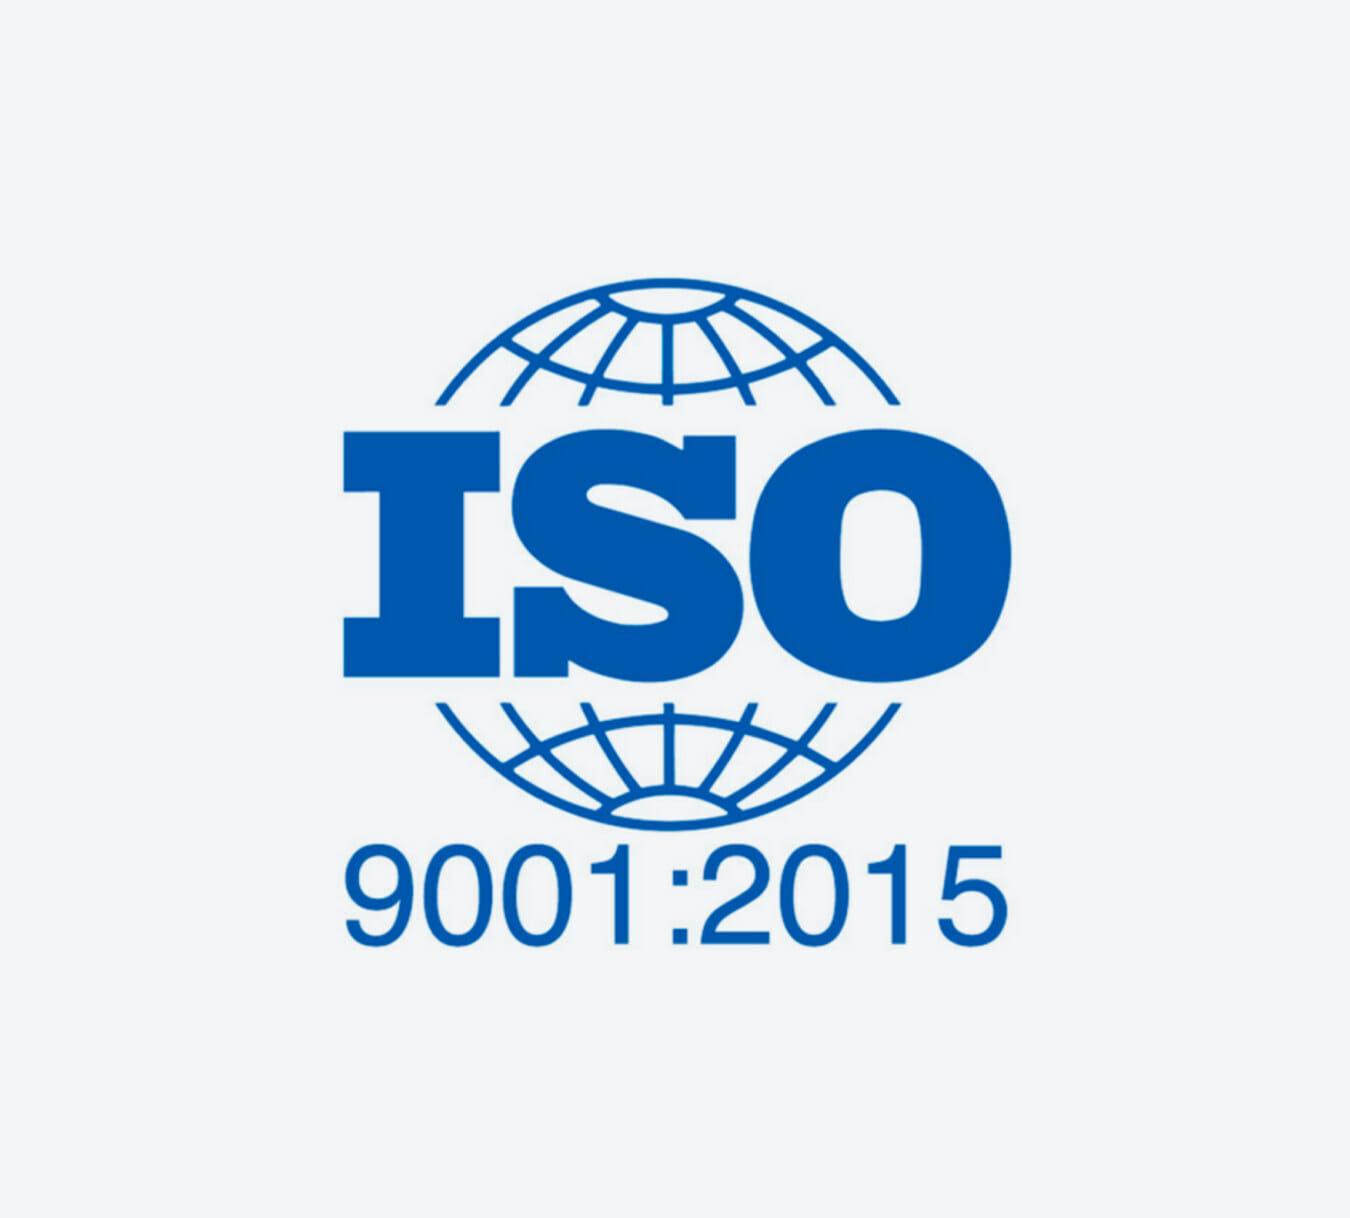 iso 9001: kwaliteitsmanagement